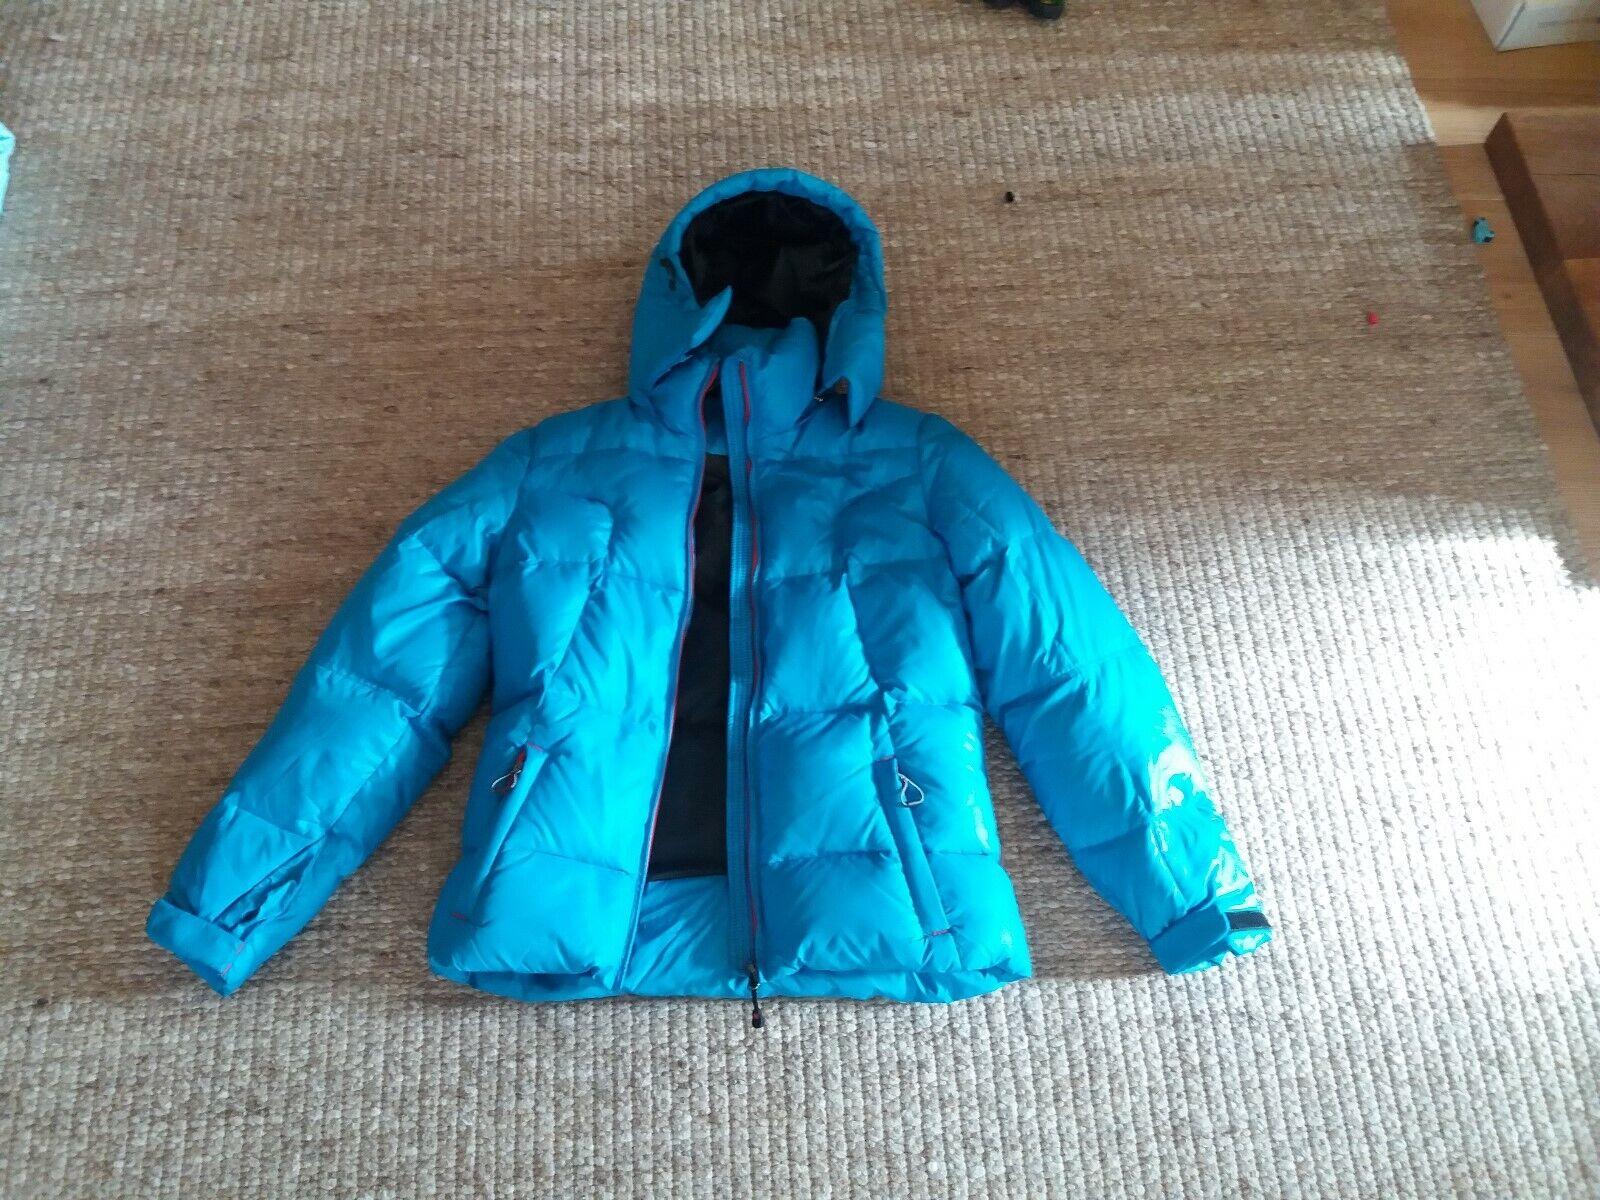 NORTHLAND Damen / Mädchen Winter Jacke, Gr. 36, wasserabweisend, dunkelblau